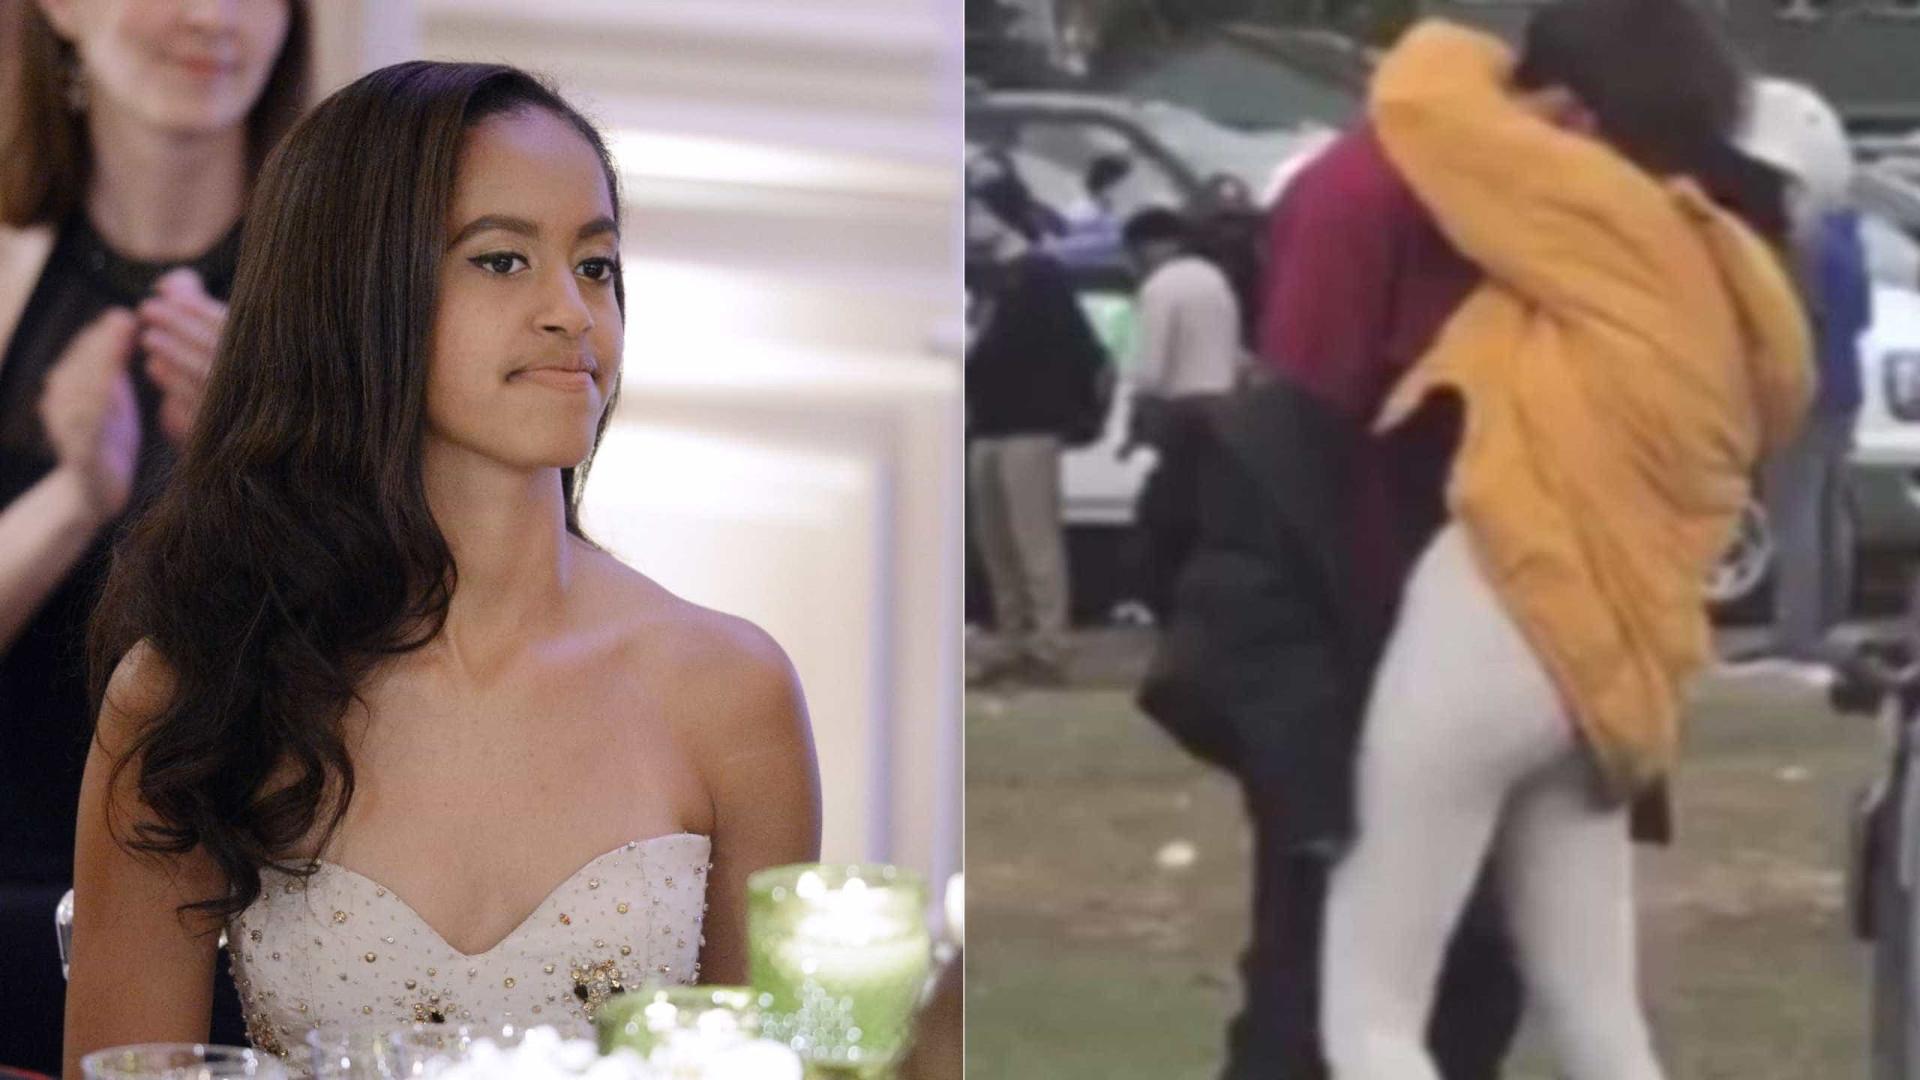 Quem é o namorado de Malia, filha dos Obama?